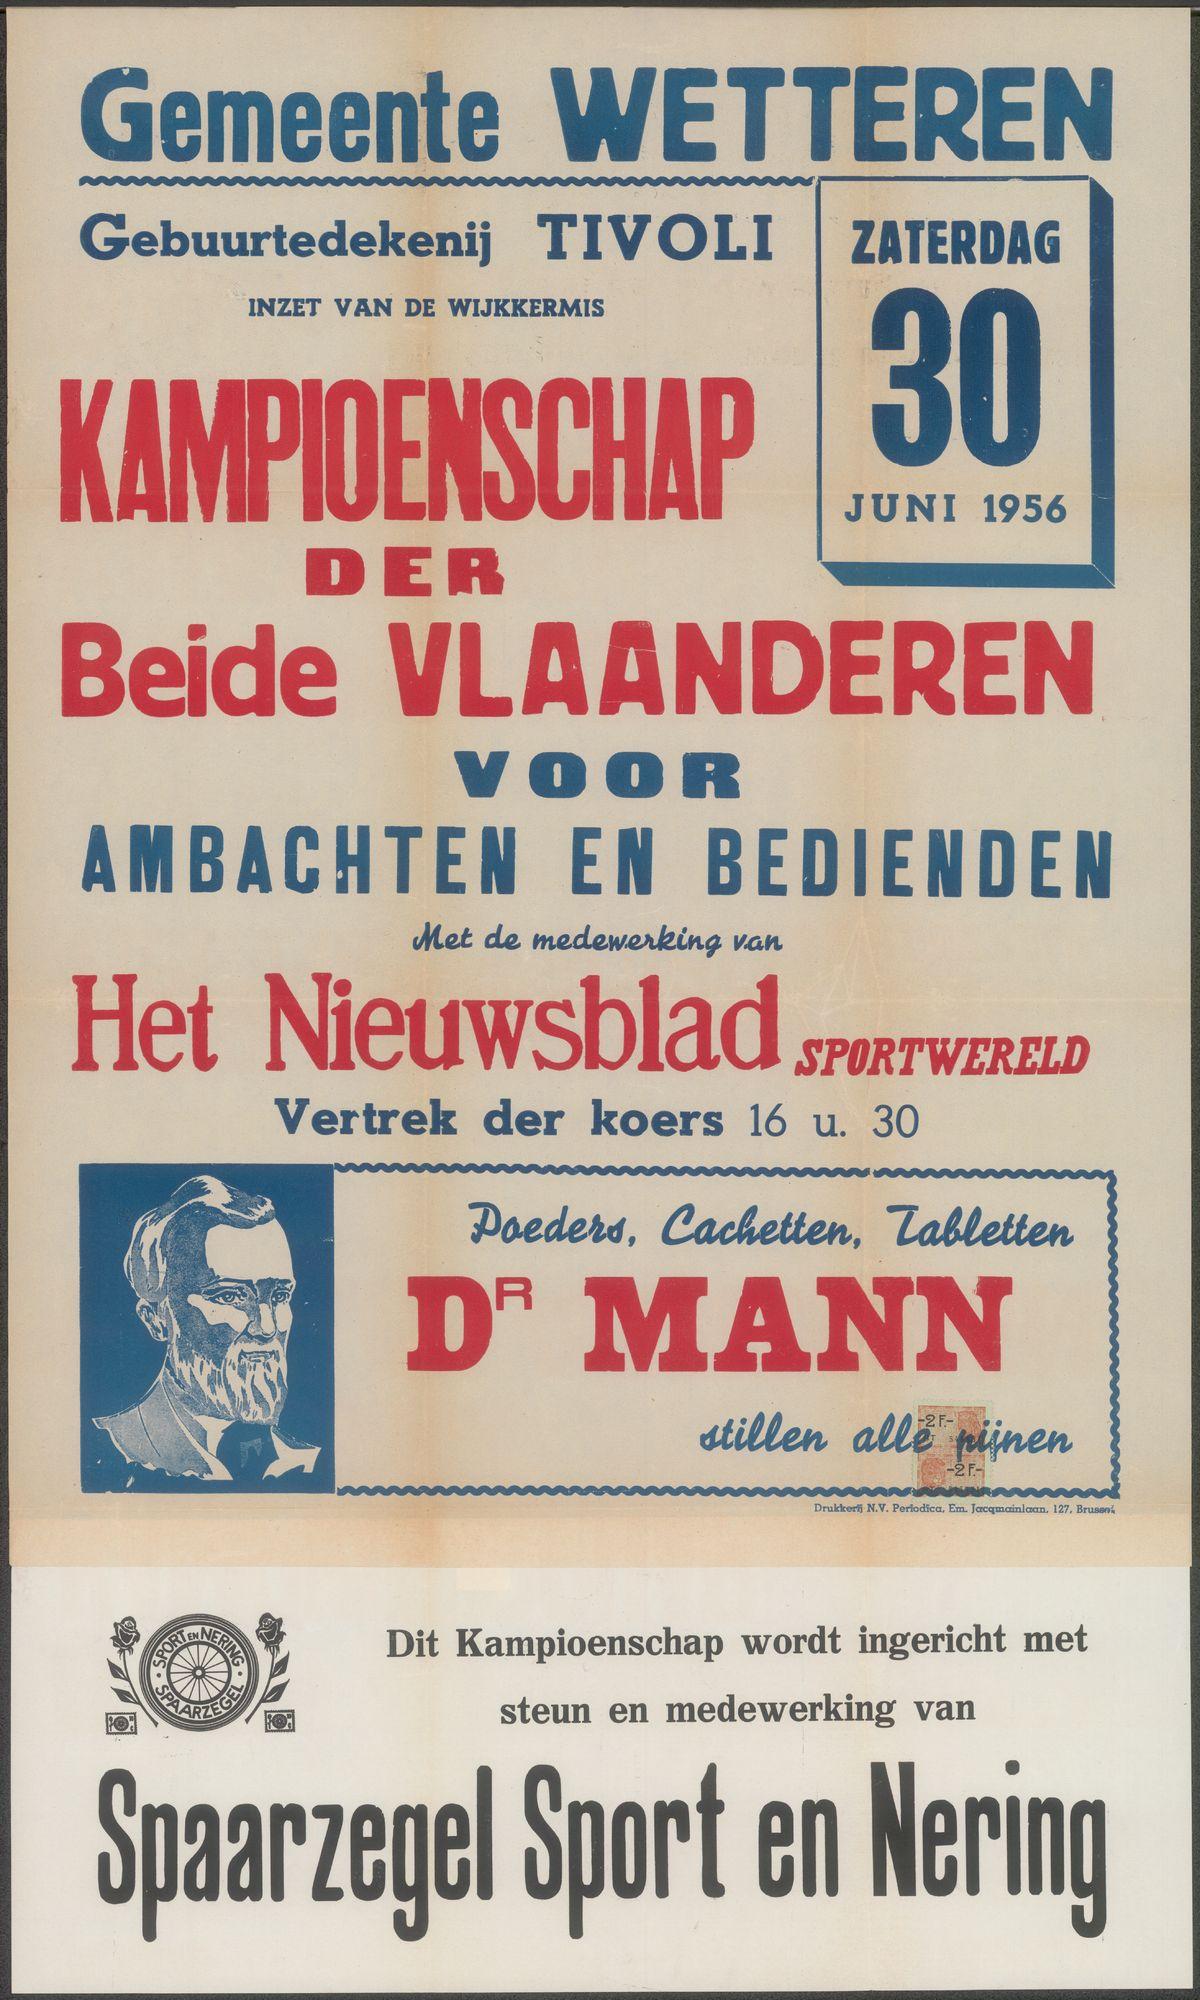 Kampioenschap der Beide Vlaanderen voor ambachten en bedienden, Gemeente Wetteren, zaterdag 30 juni 1956